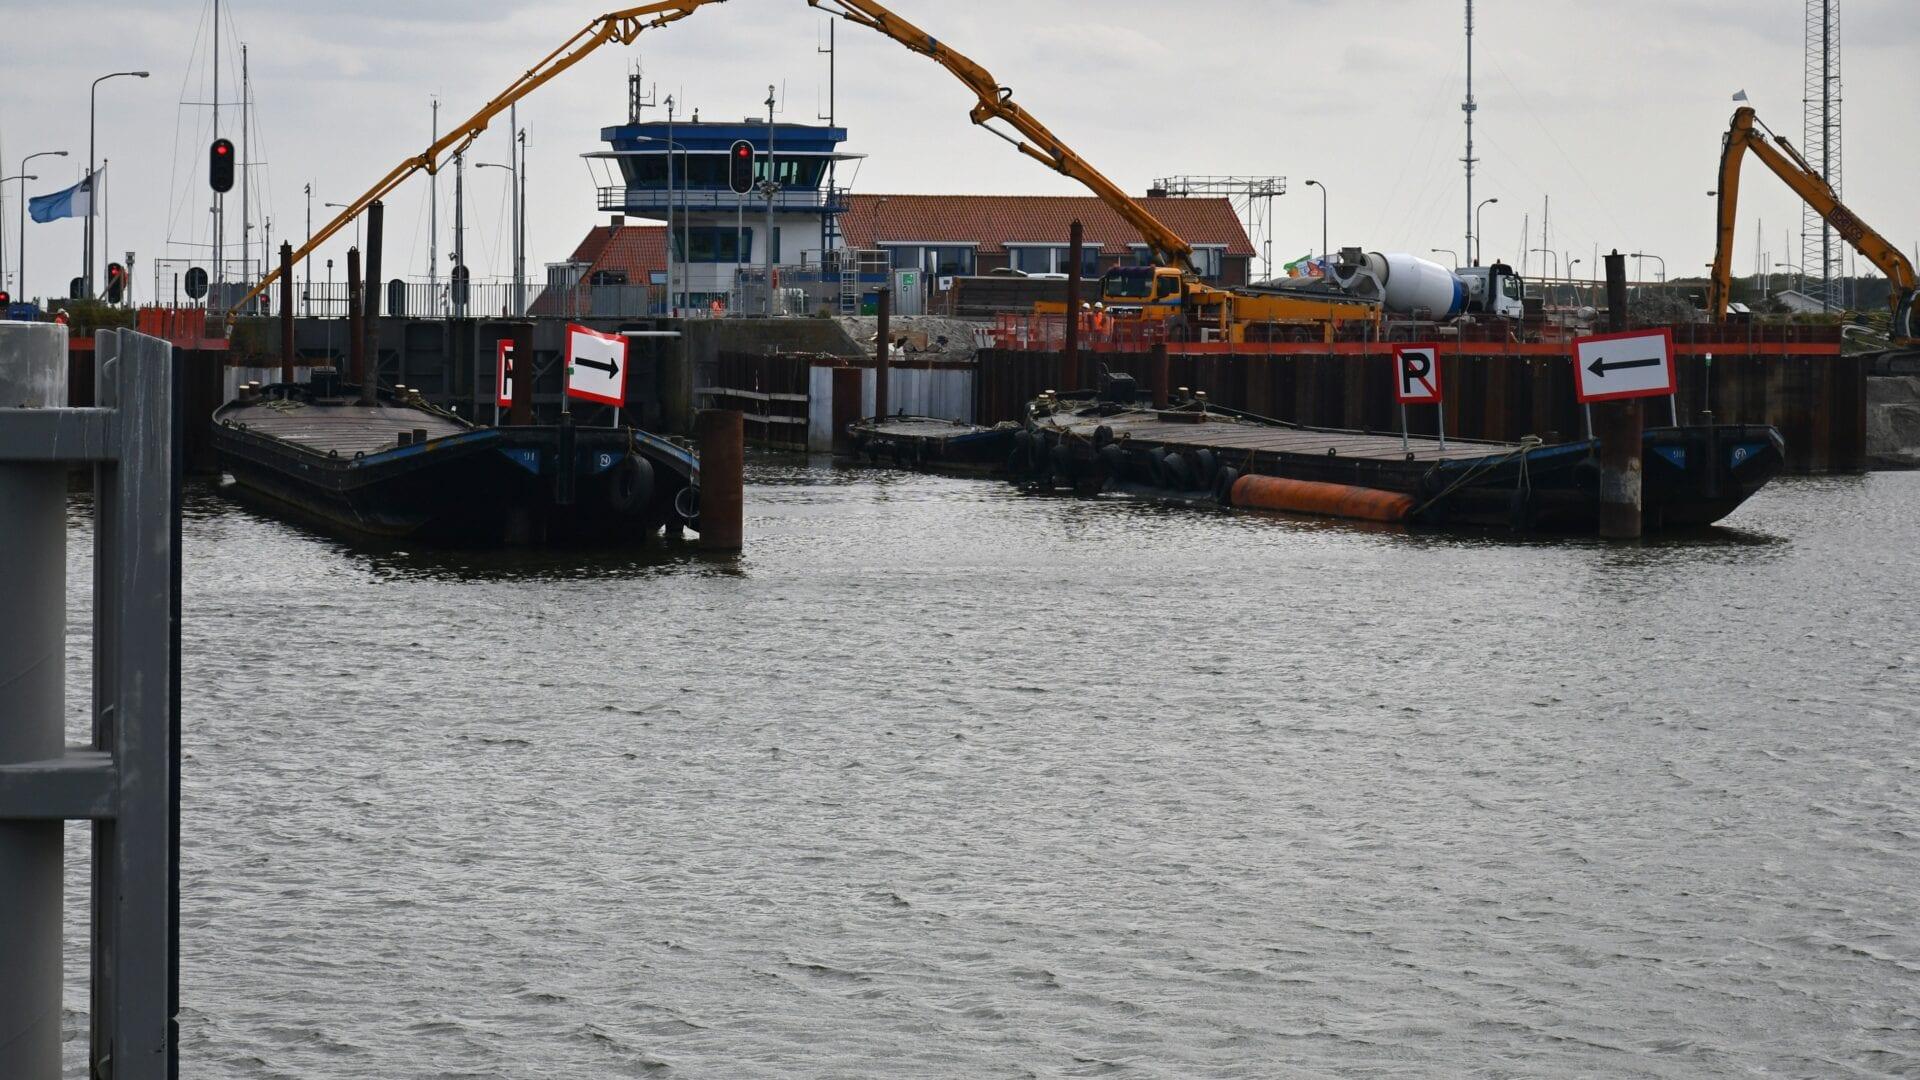 Op de foto zie je de sluizen bij Den Oever. We kijken naar de werkzaamheden van de boten op het water.